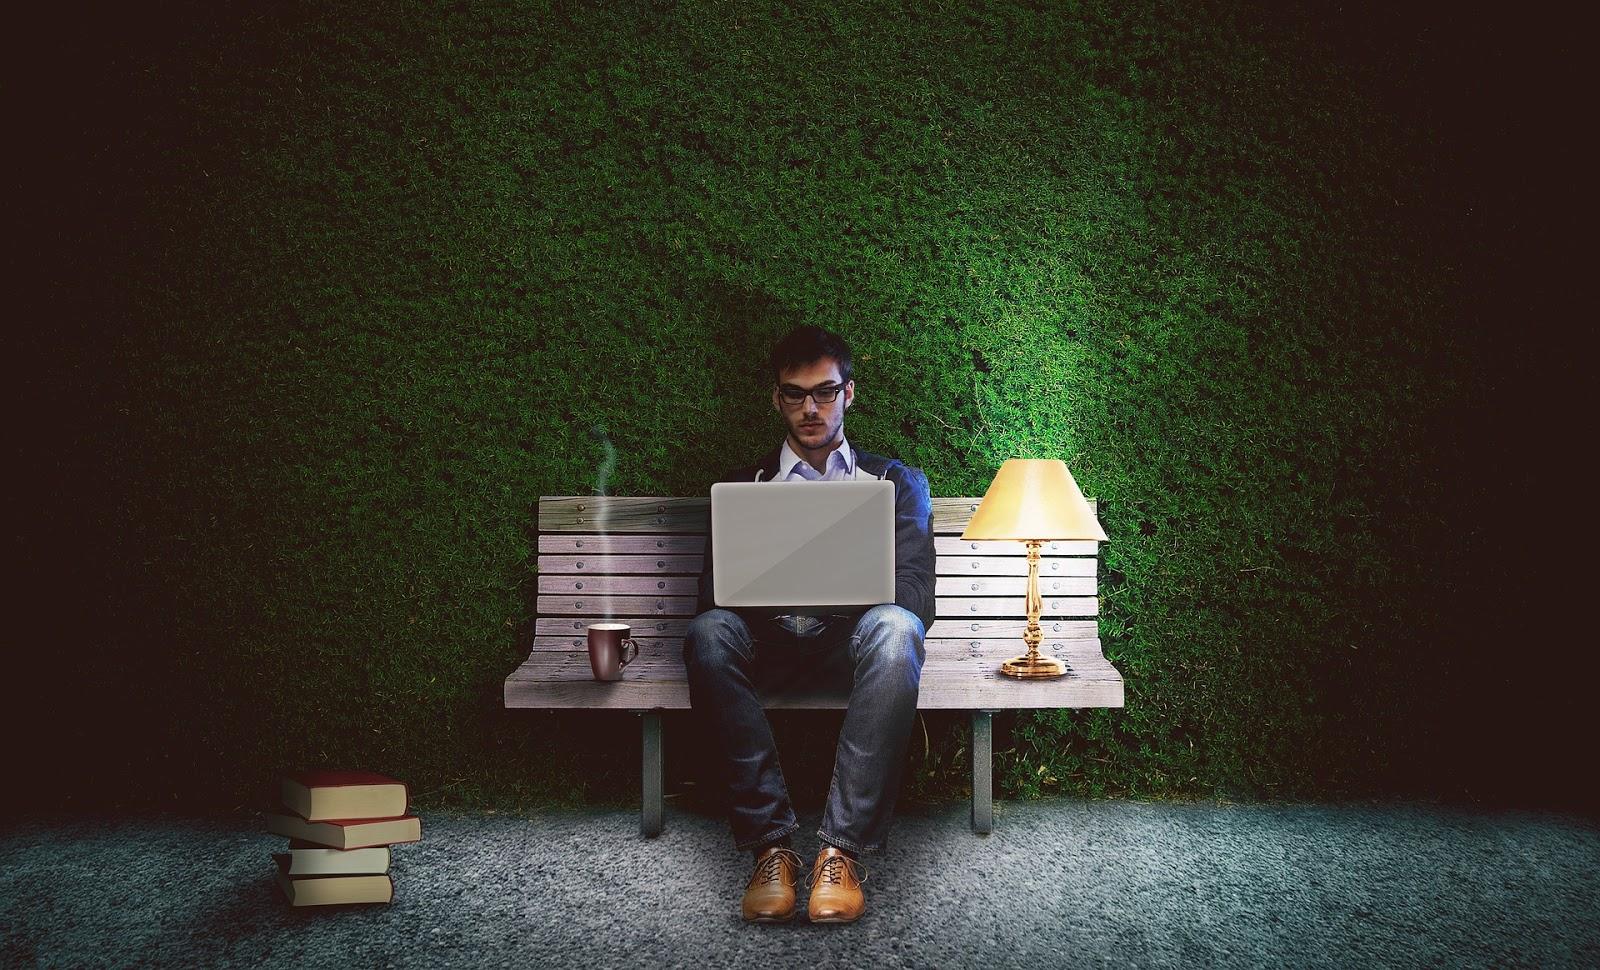 طريقة كتابة رواية رومانسيه - كيفية كتابة رواية رومانسيه - أفكار لكتابة رواية - افكار لكتابة رواية رومانسية